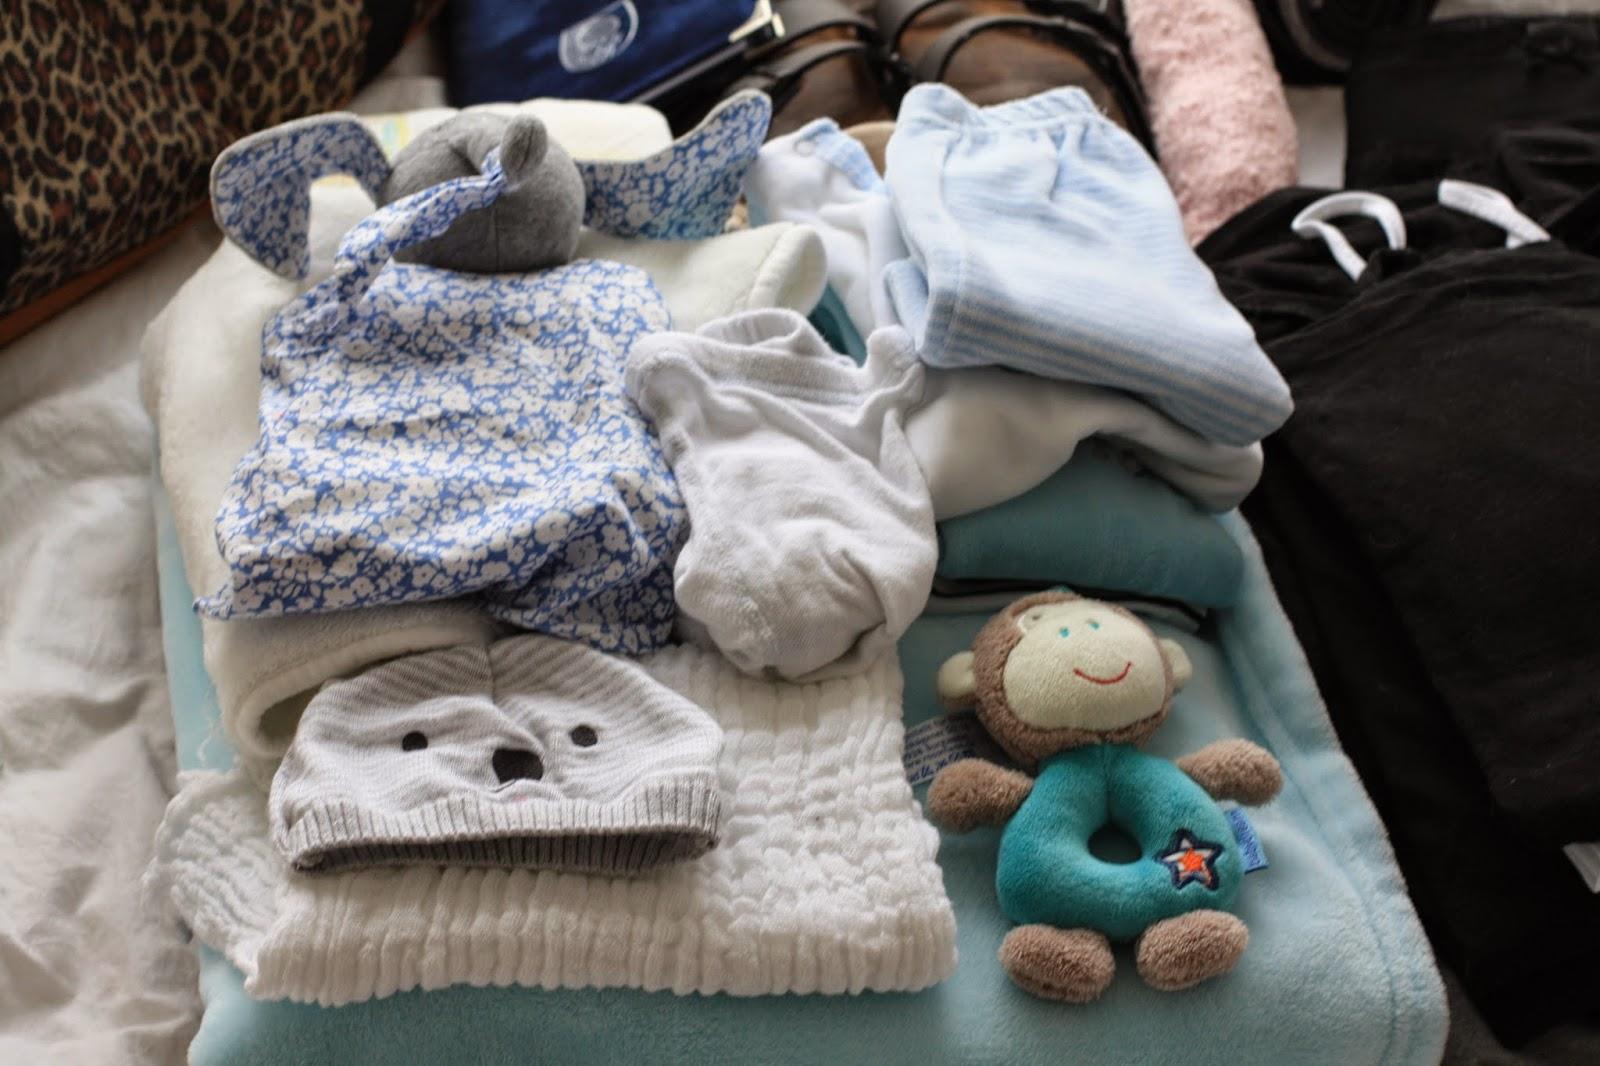 Kliniktasche, Defshop, Schwangerschaft, Tasche für Krankenhaus